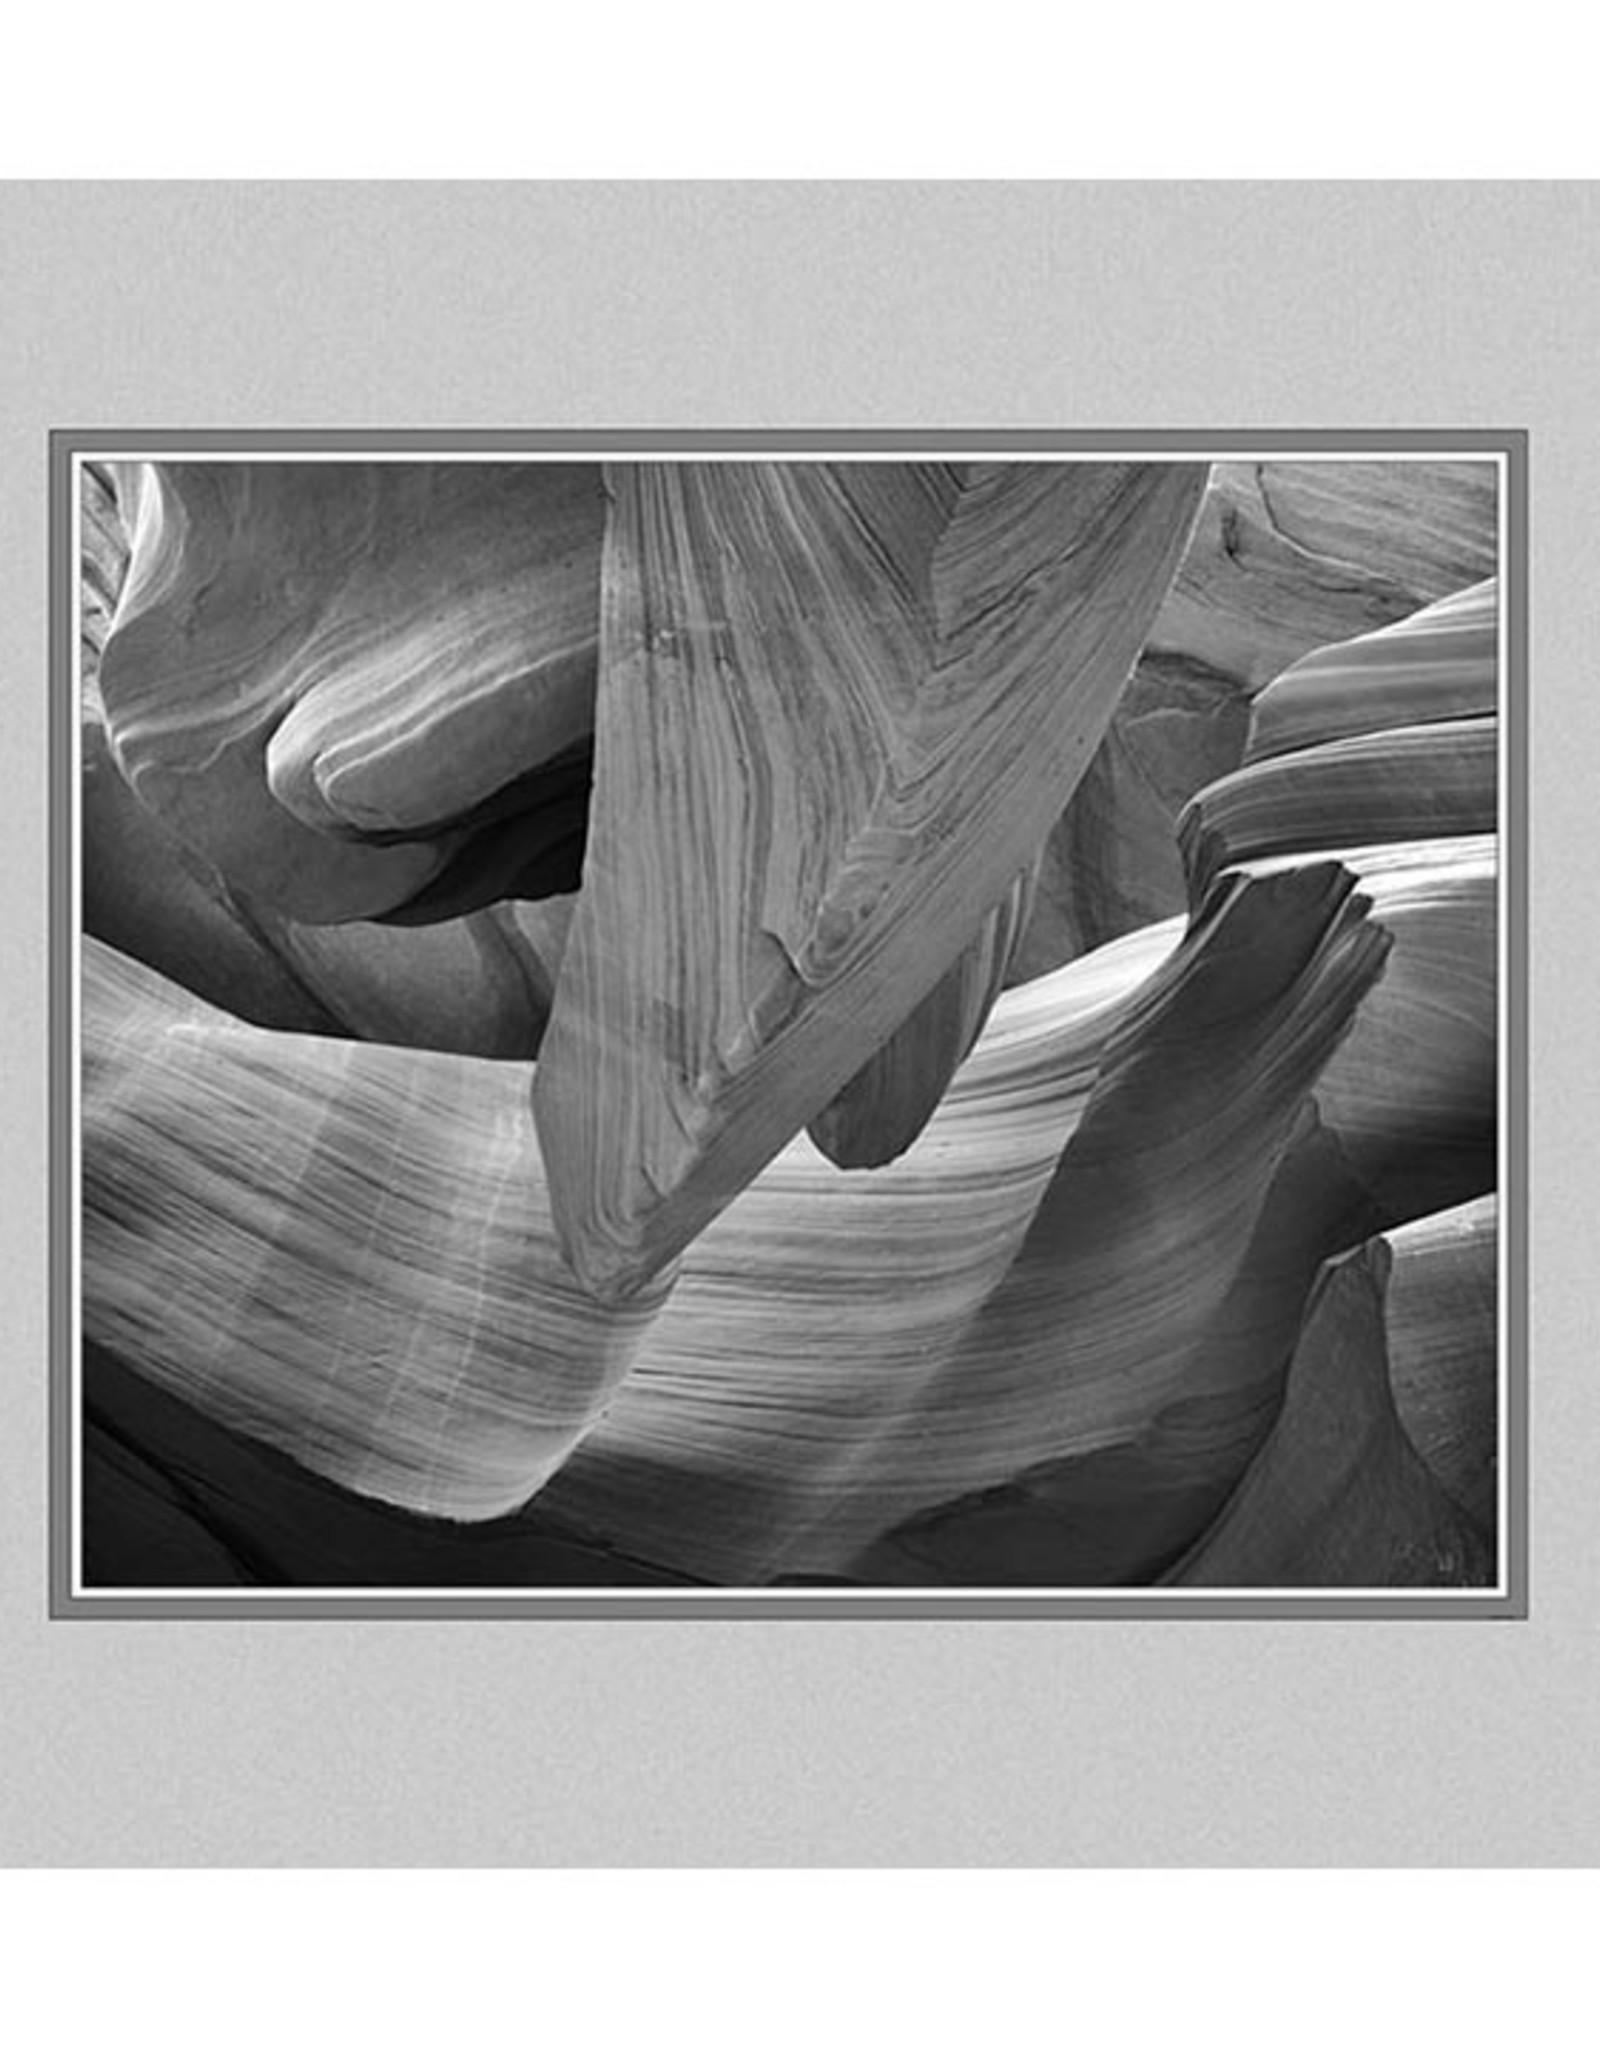 Erskine Wood Antelope Canyon, Arizona